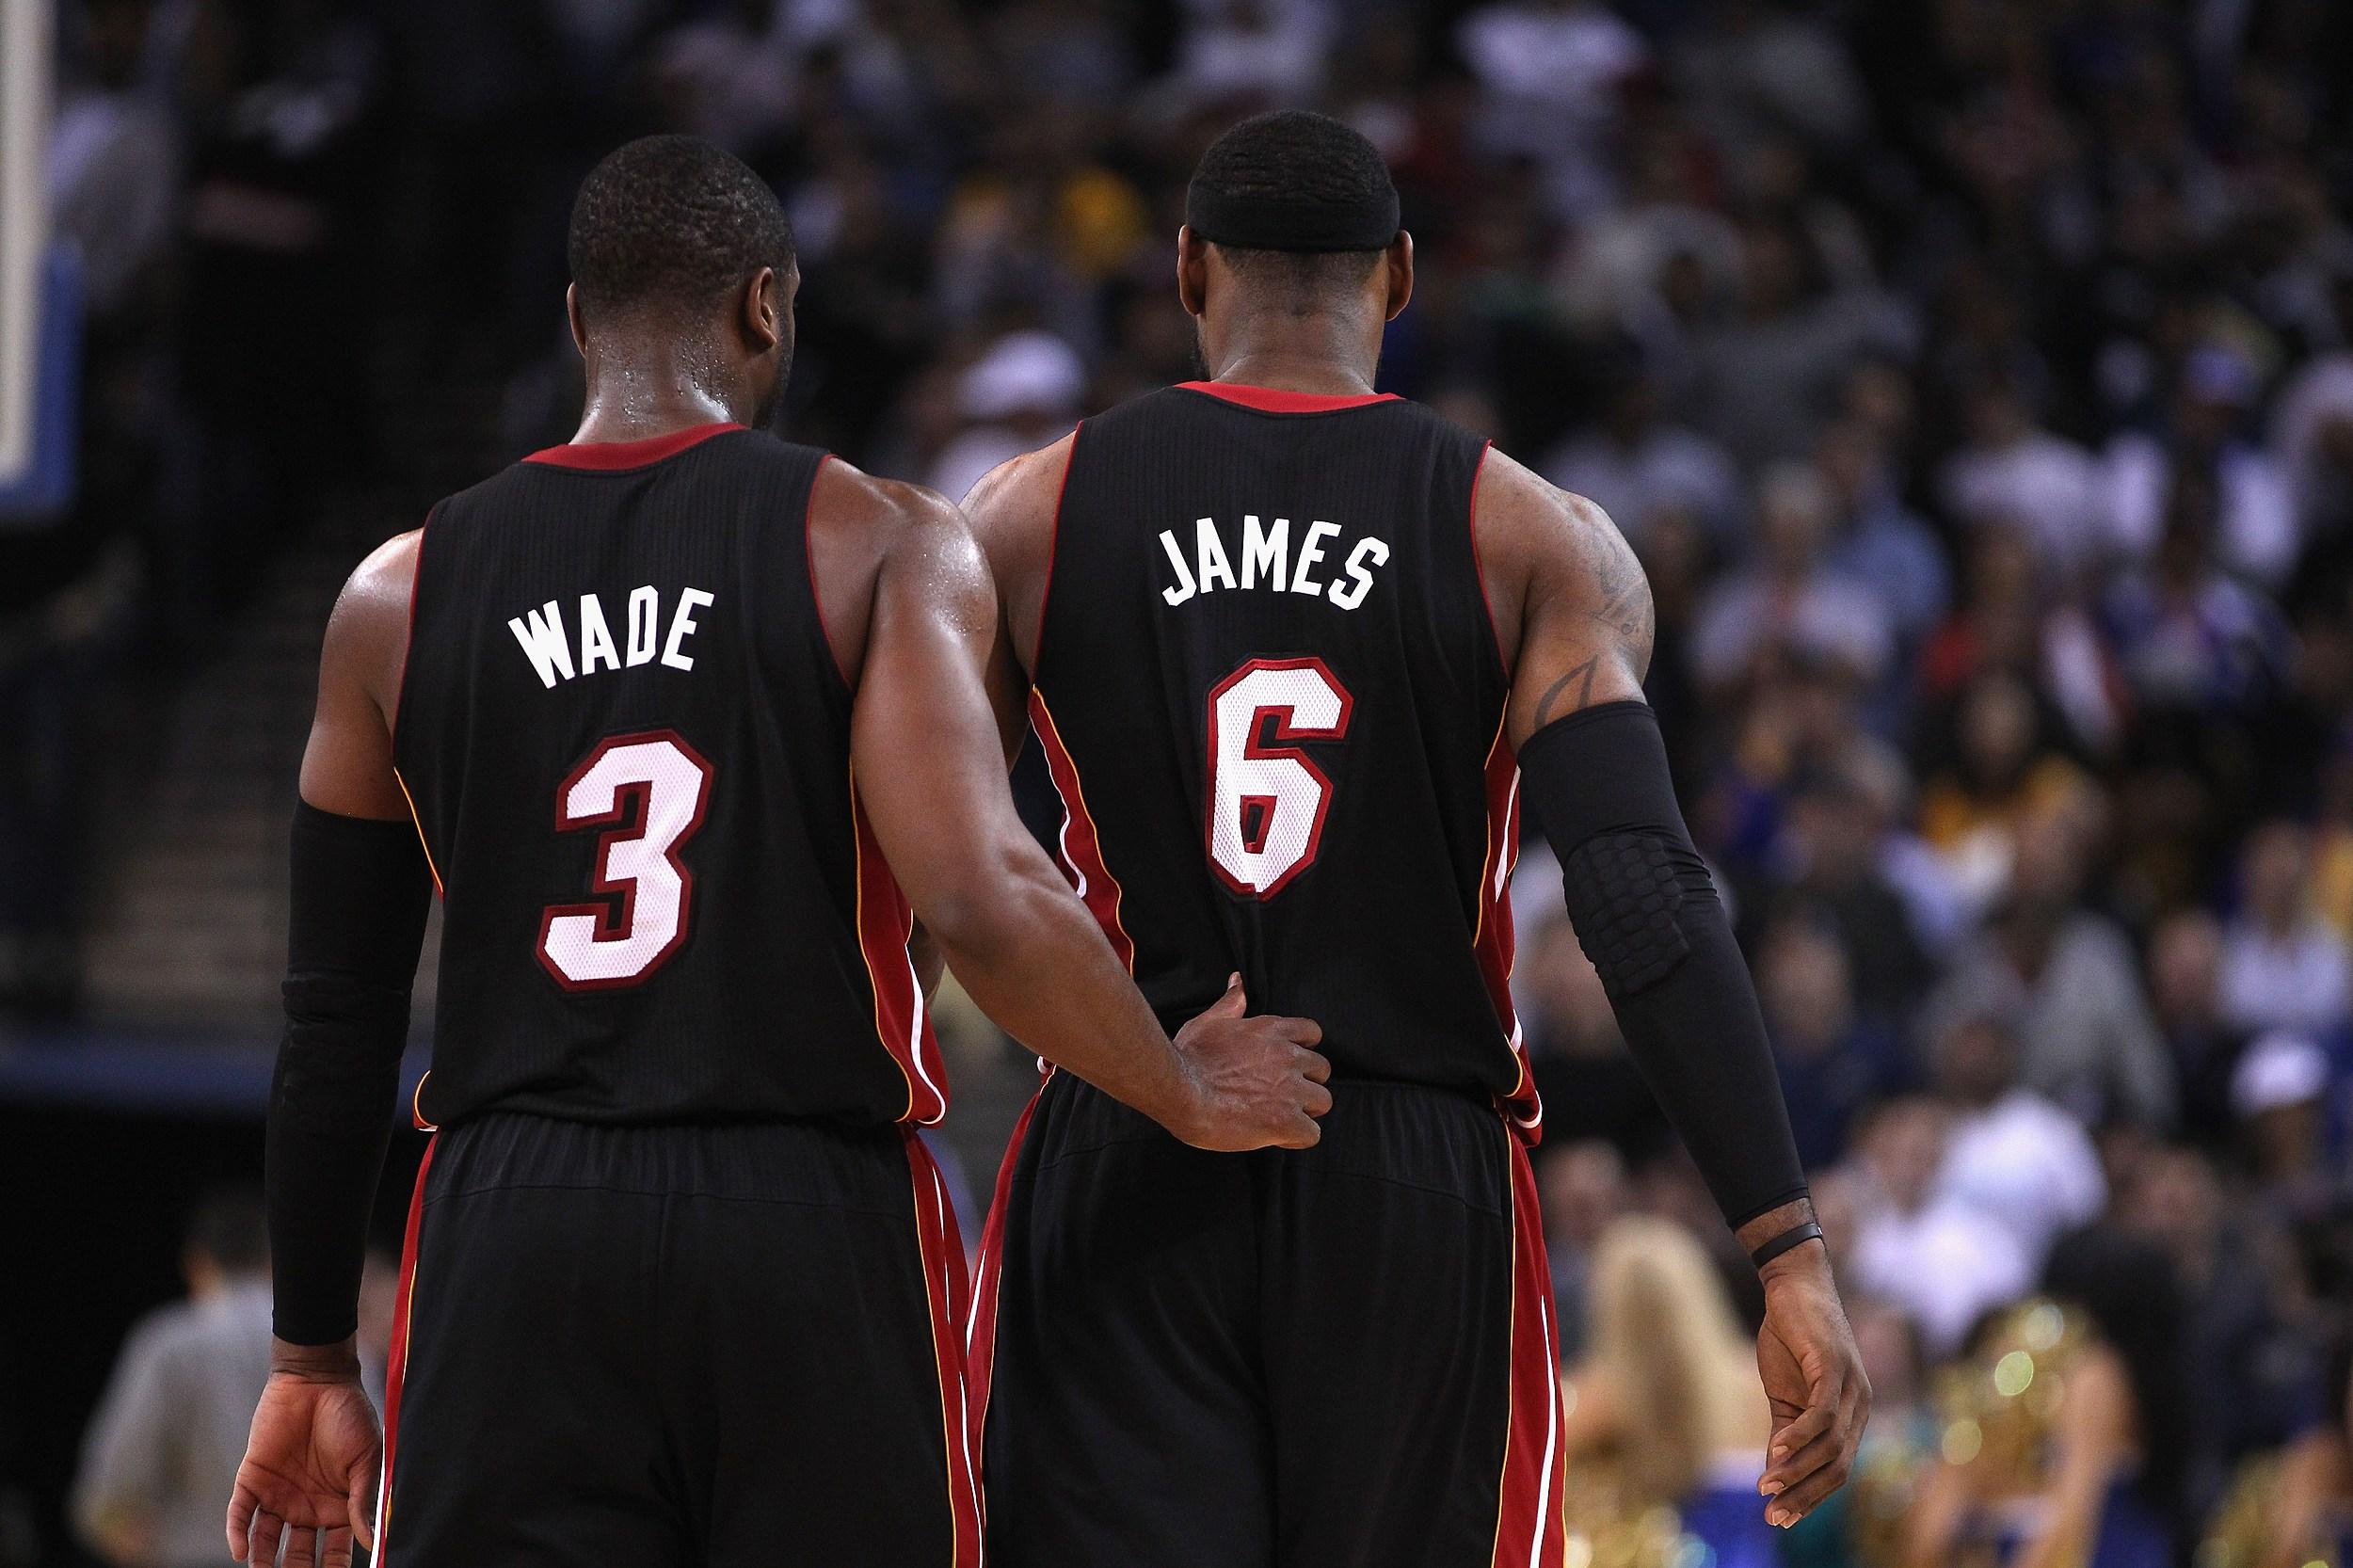 L'ultima connessione tra Wade e James nella NBA